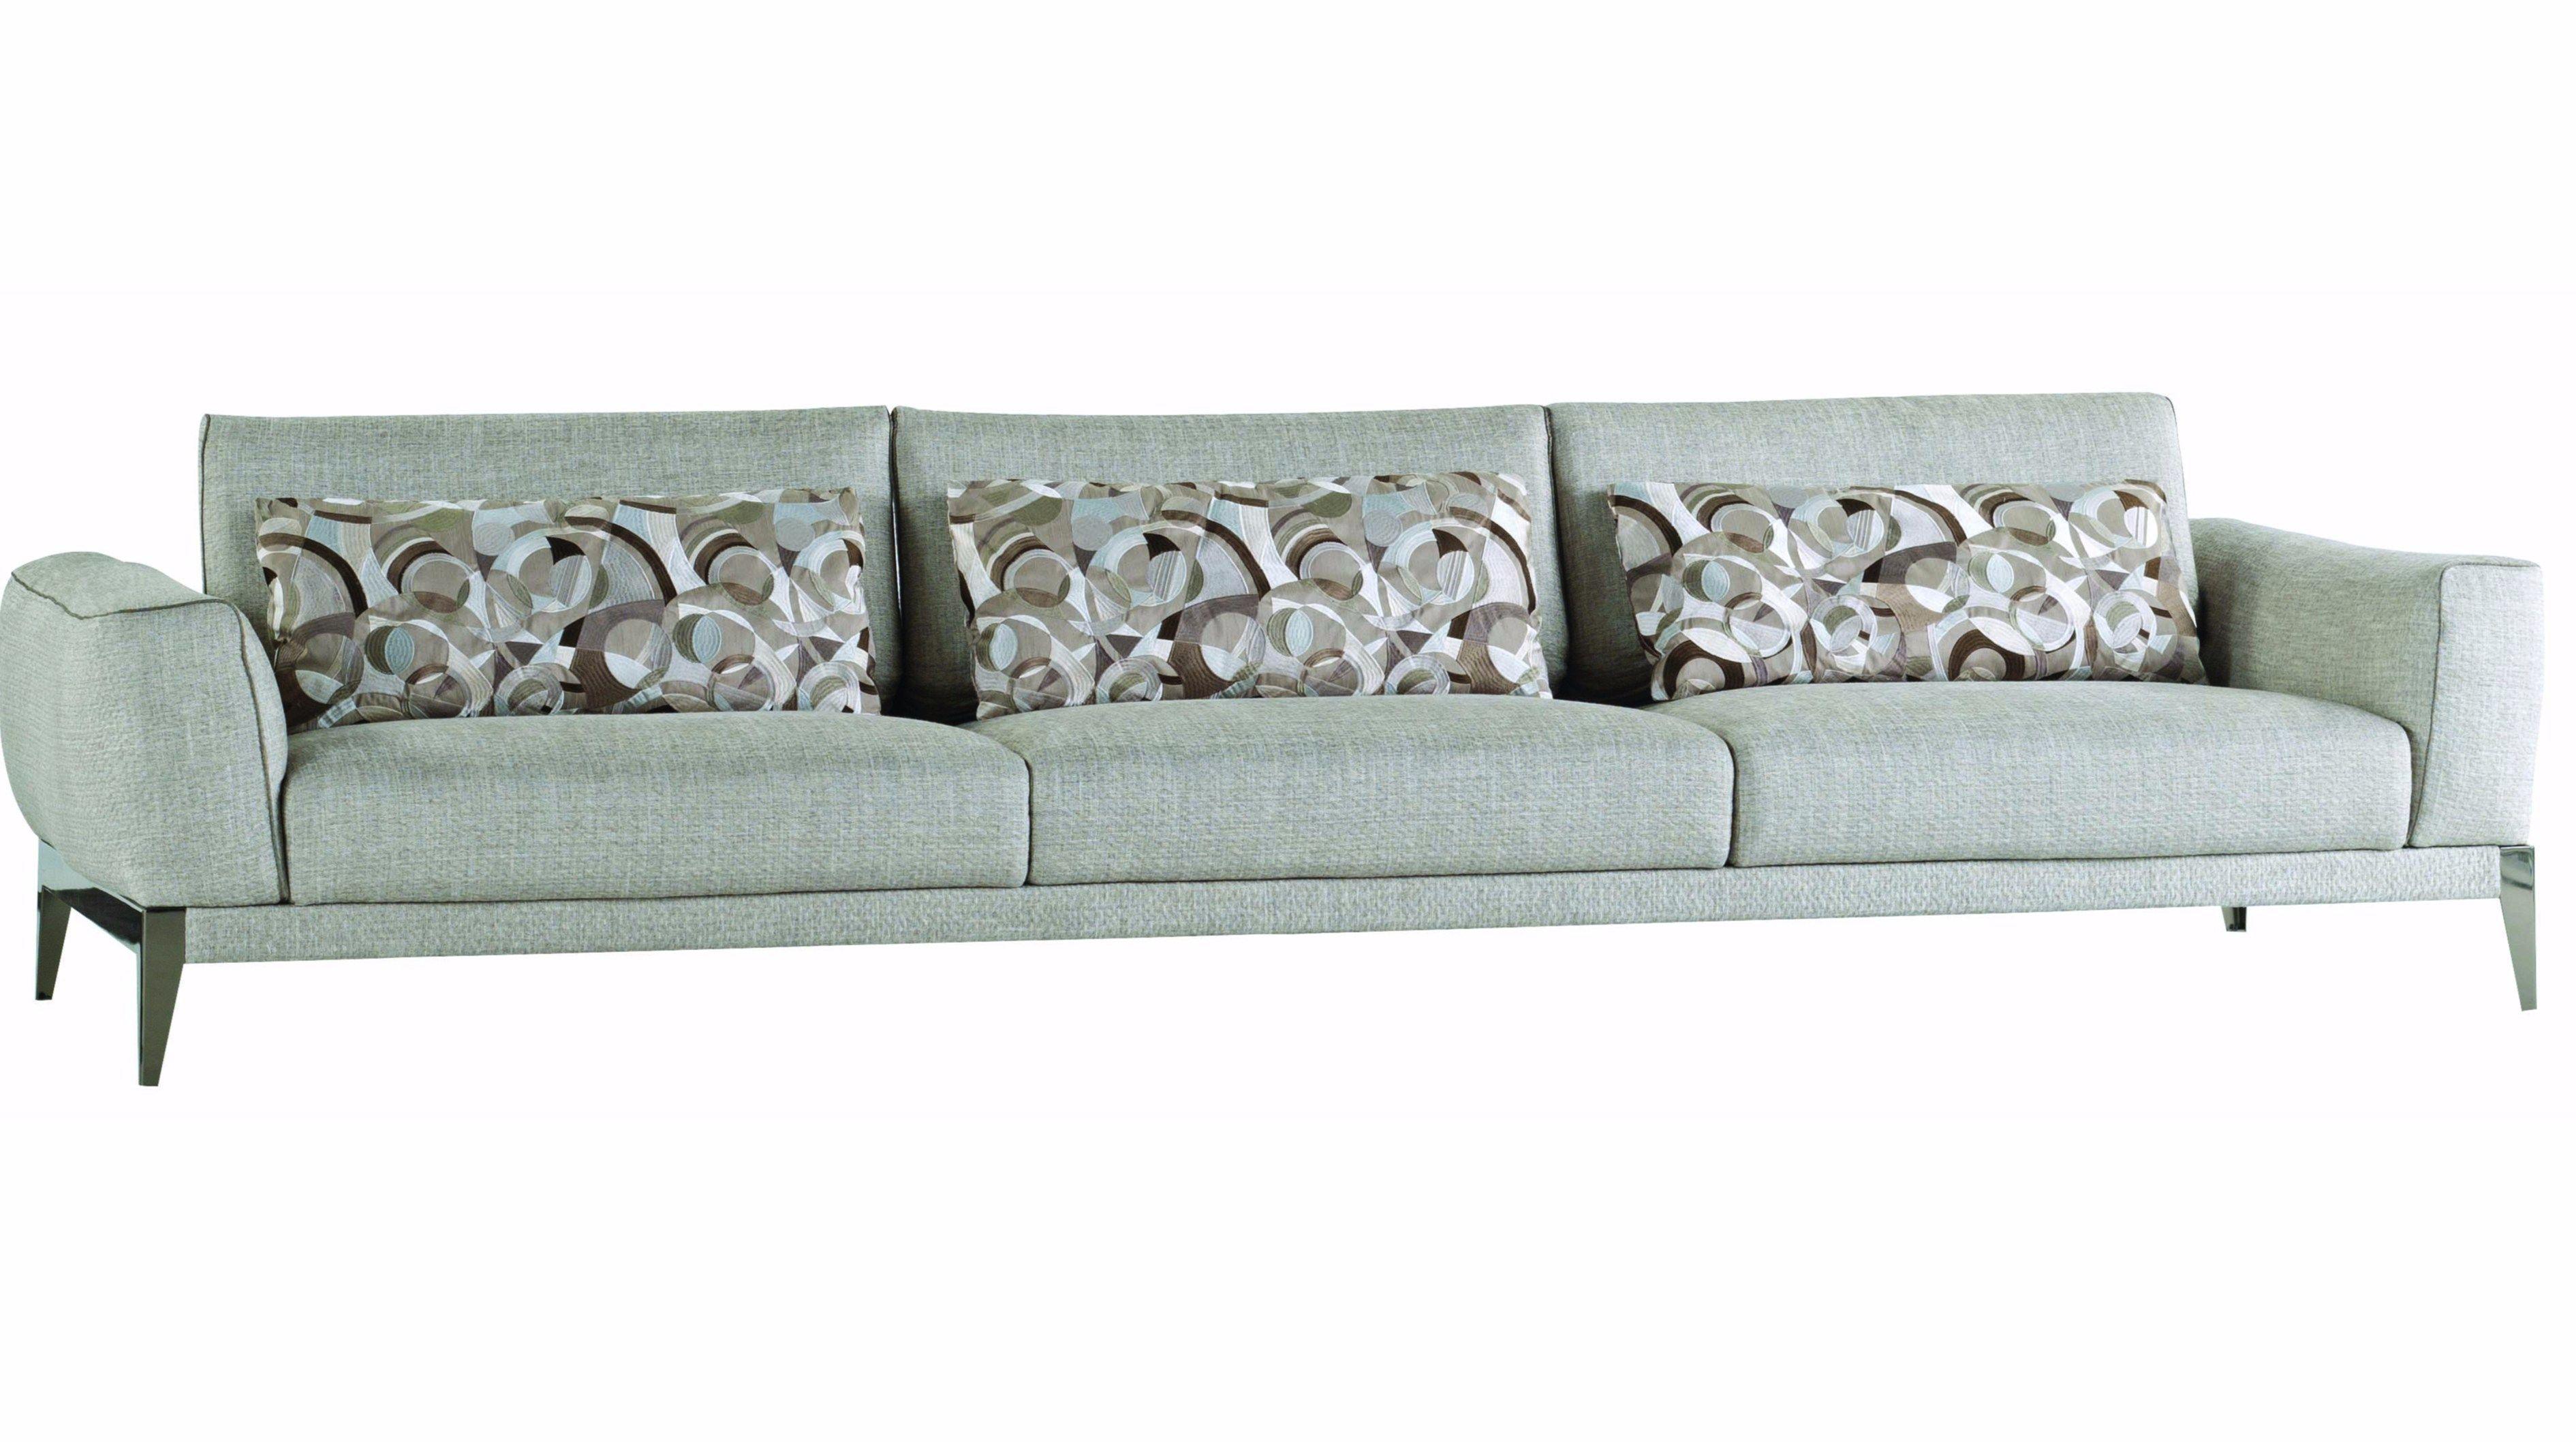 Sofas by ROCHE BOBOIS